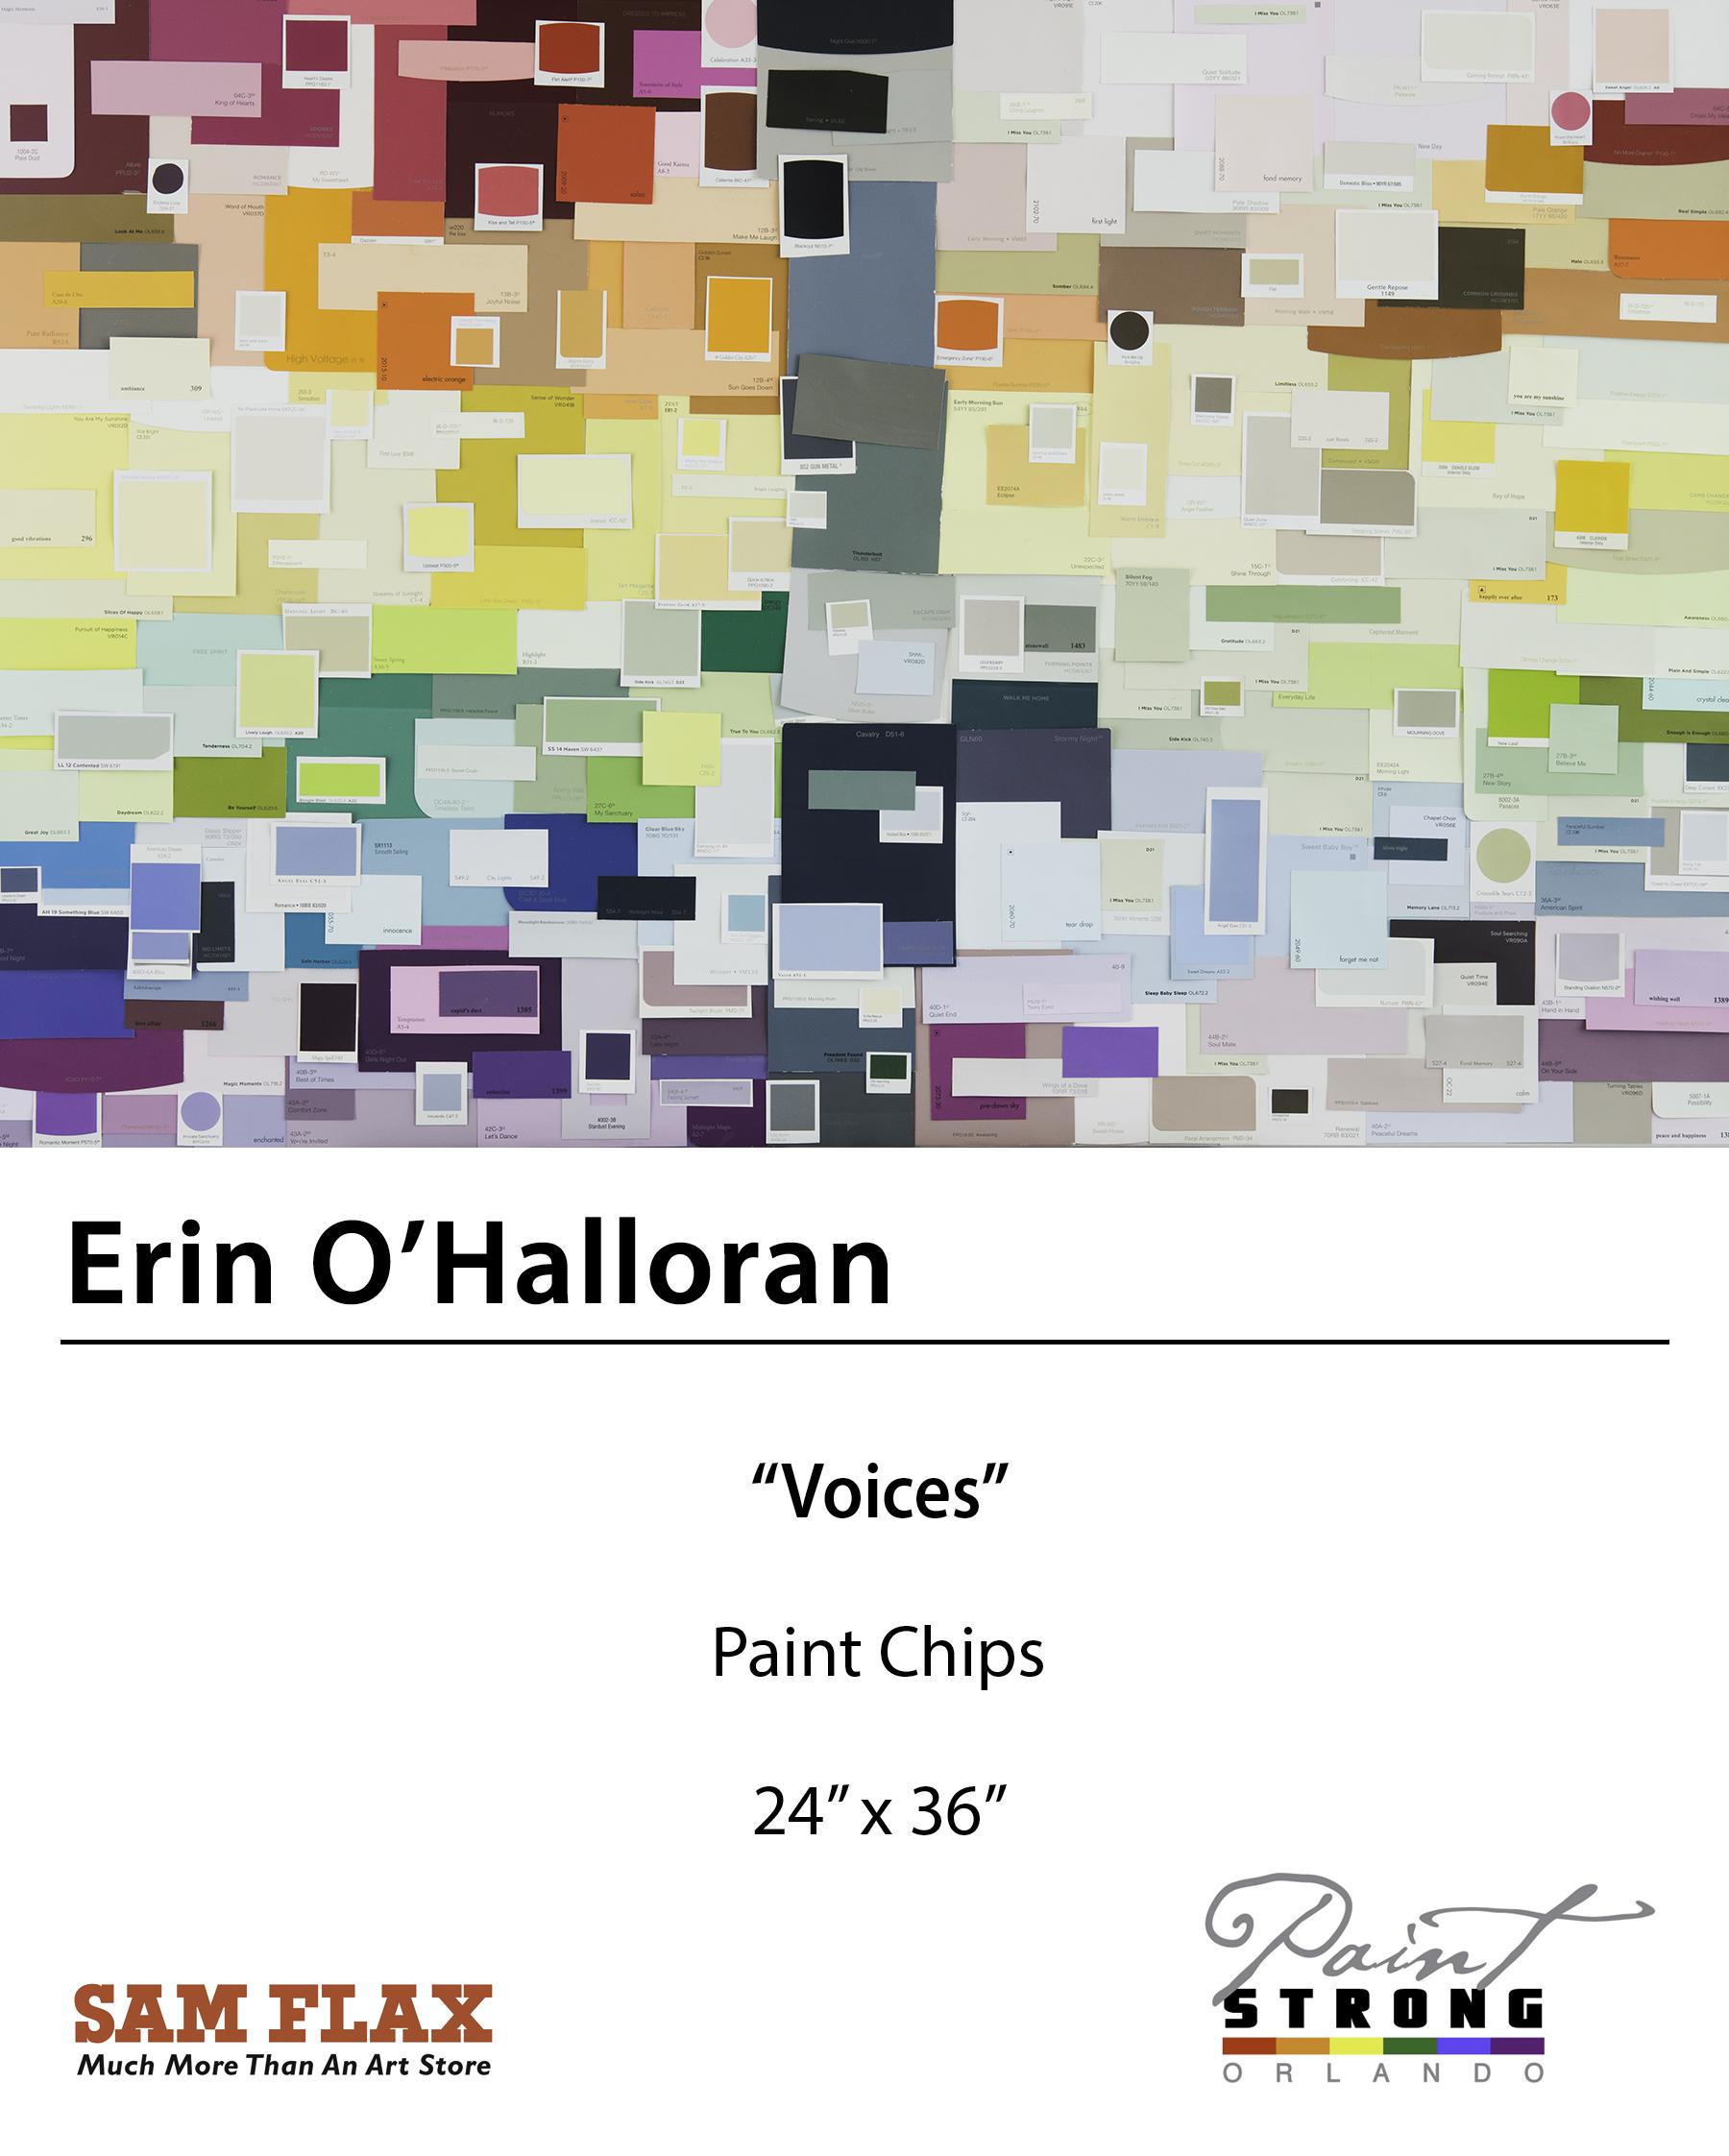 Erin O'Halloran